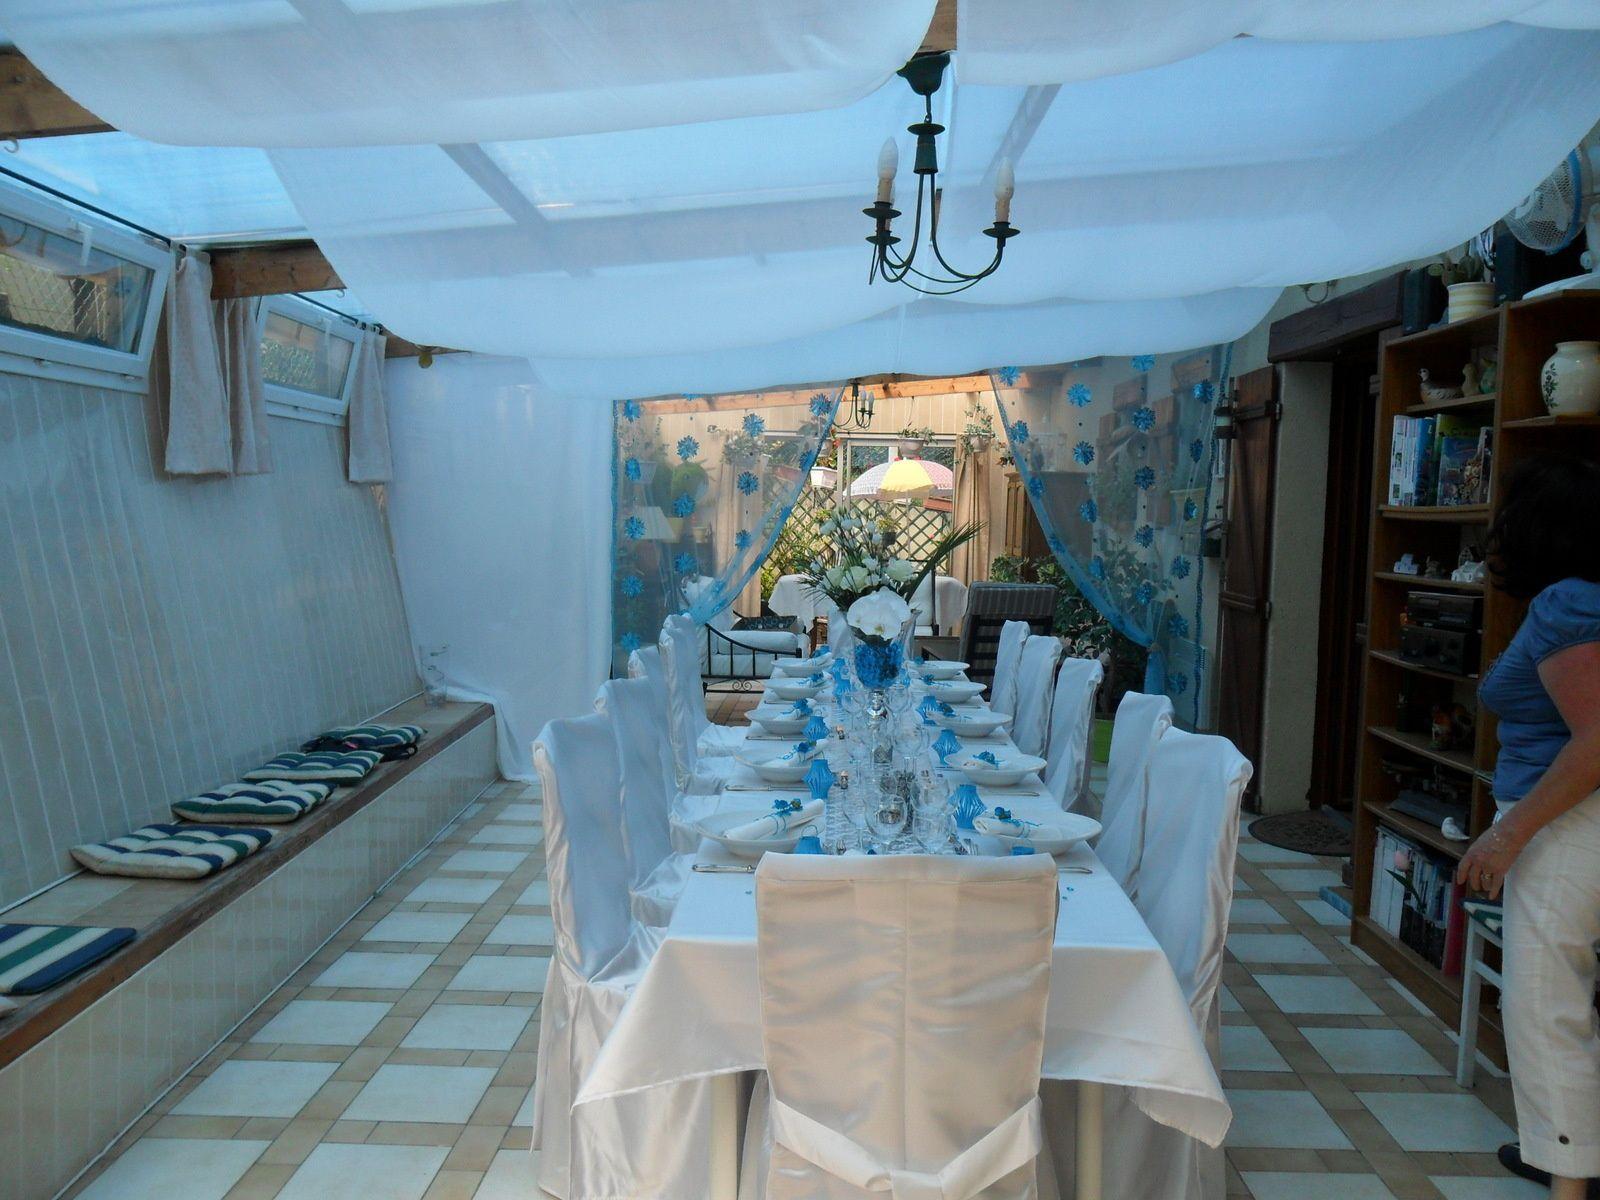 #347097 Déco De Table Turquoise AnnMari'magine 6205 decoration de table de noel turquoise 1600x1200 px @ aertt.com